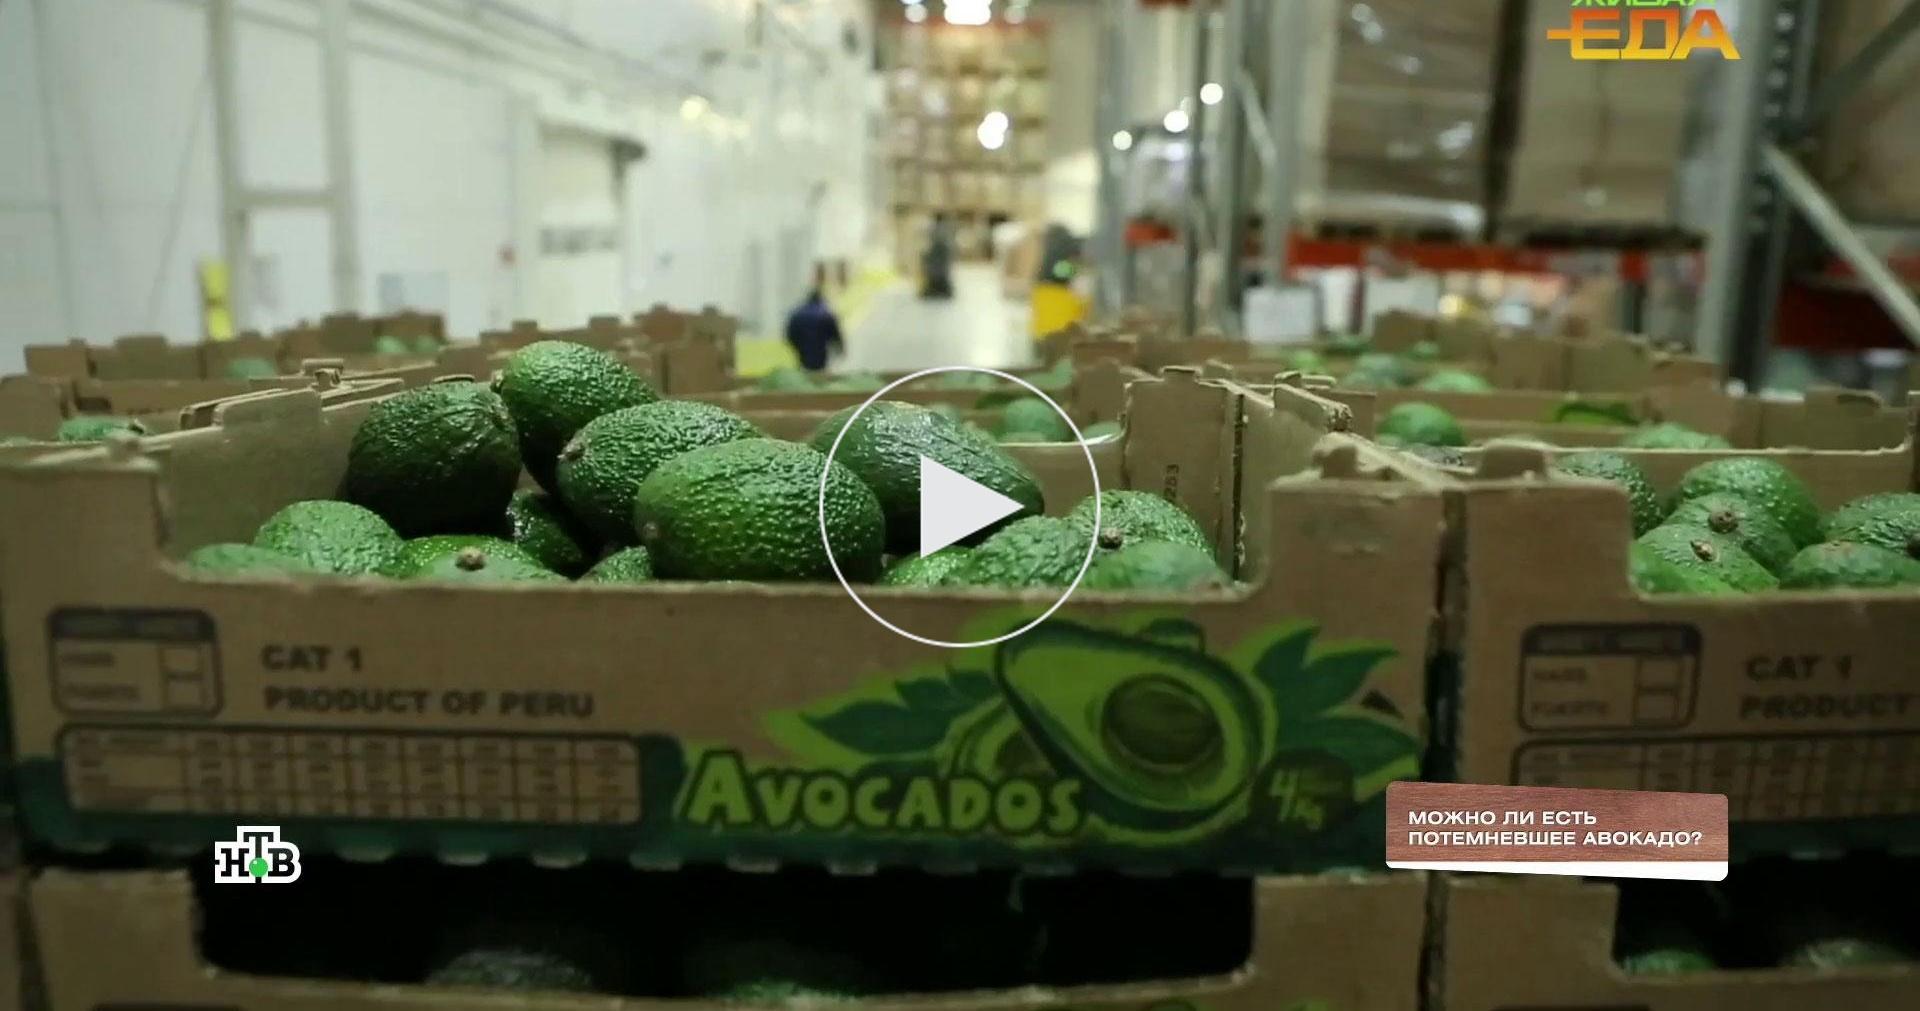 Можноли есть потемневшее авокадо?